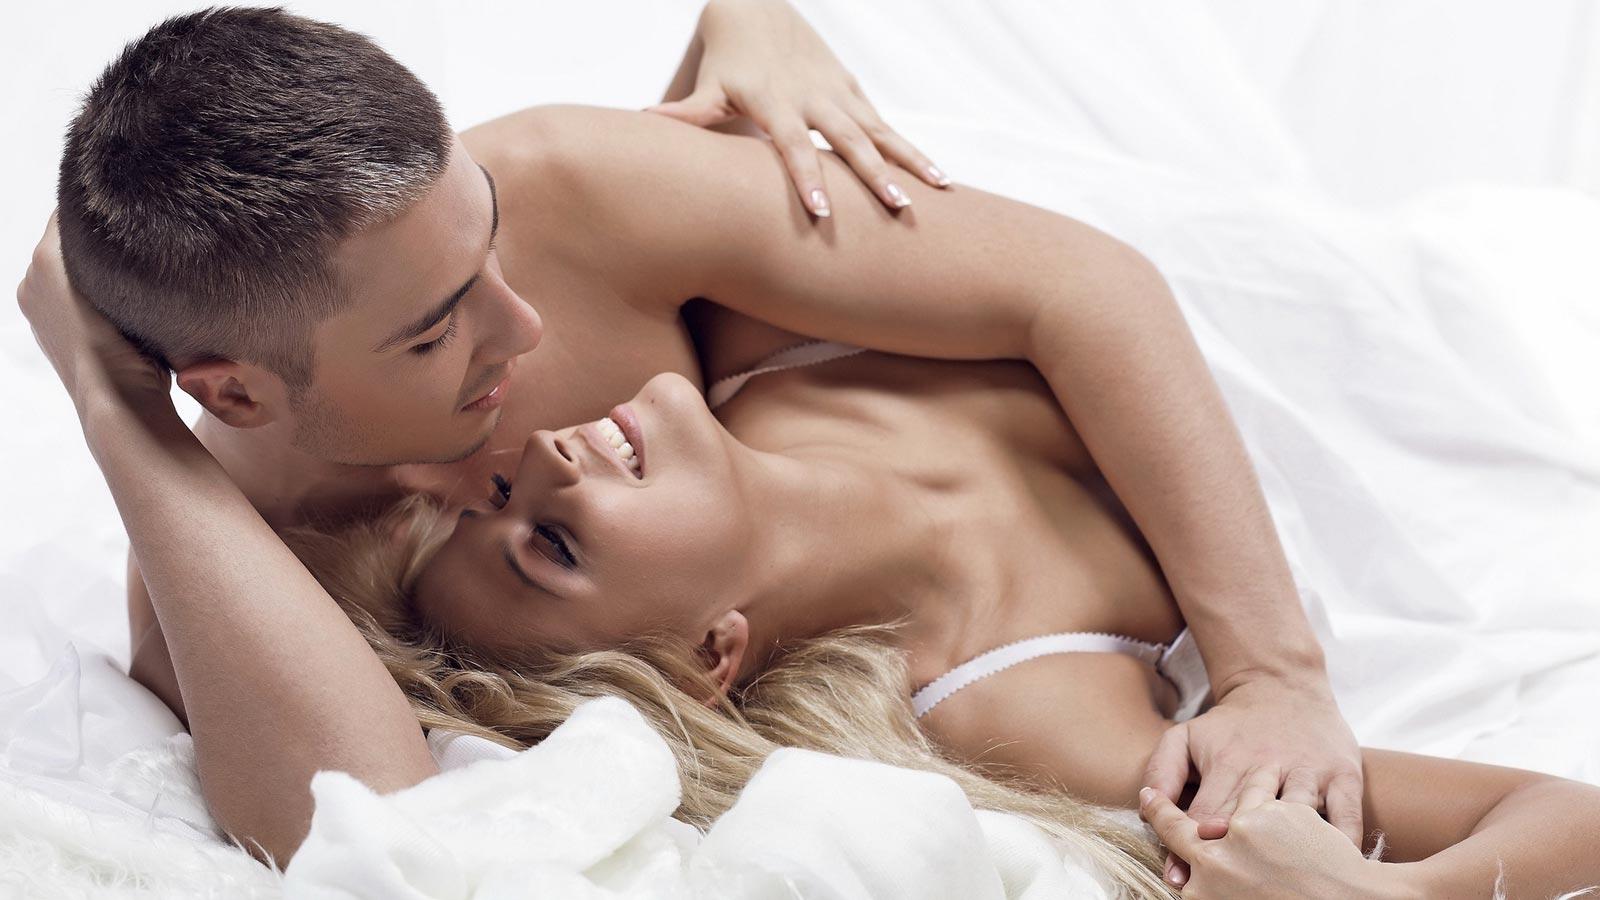 foto giochi erotici parship dating